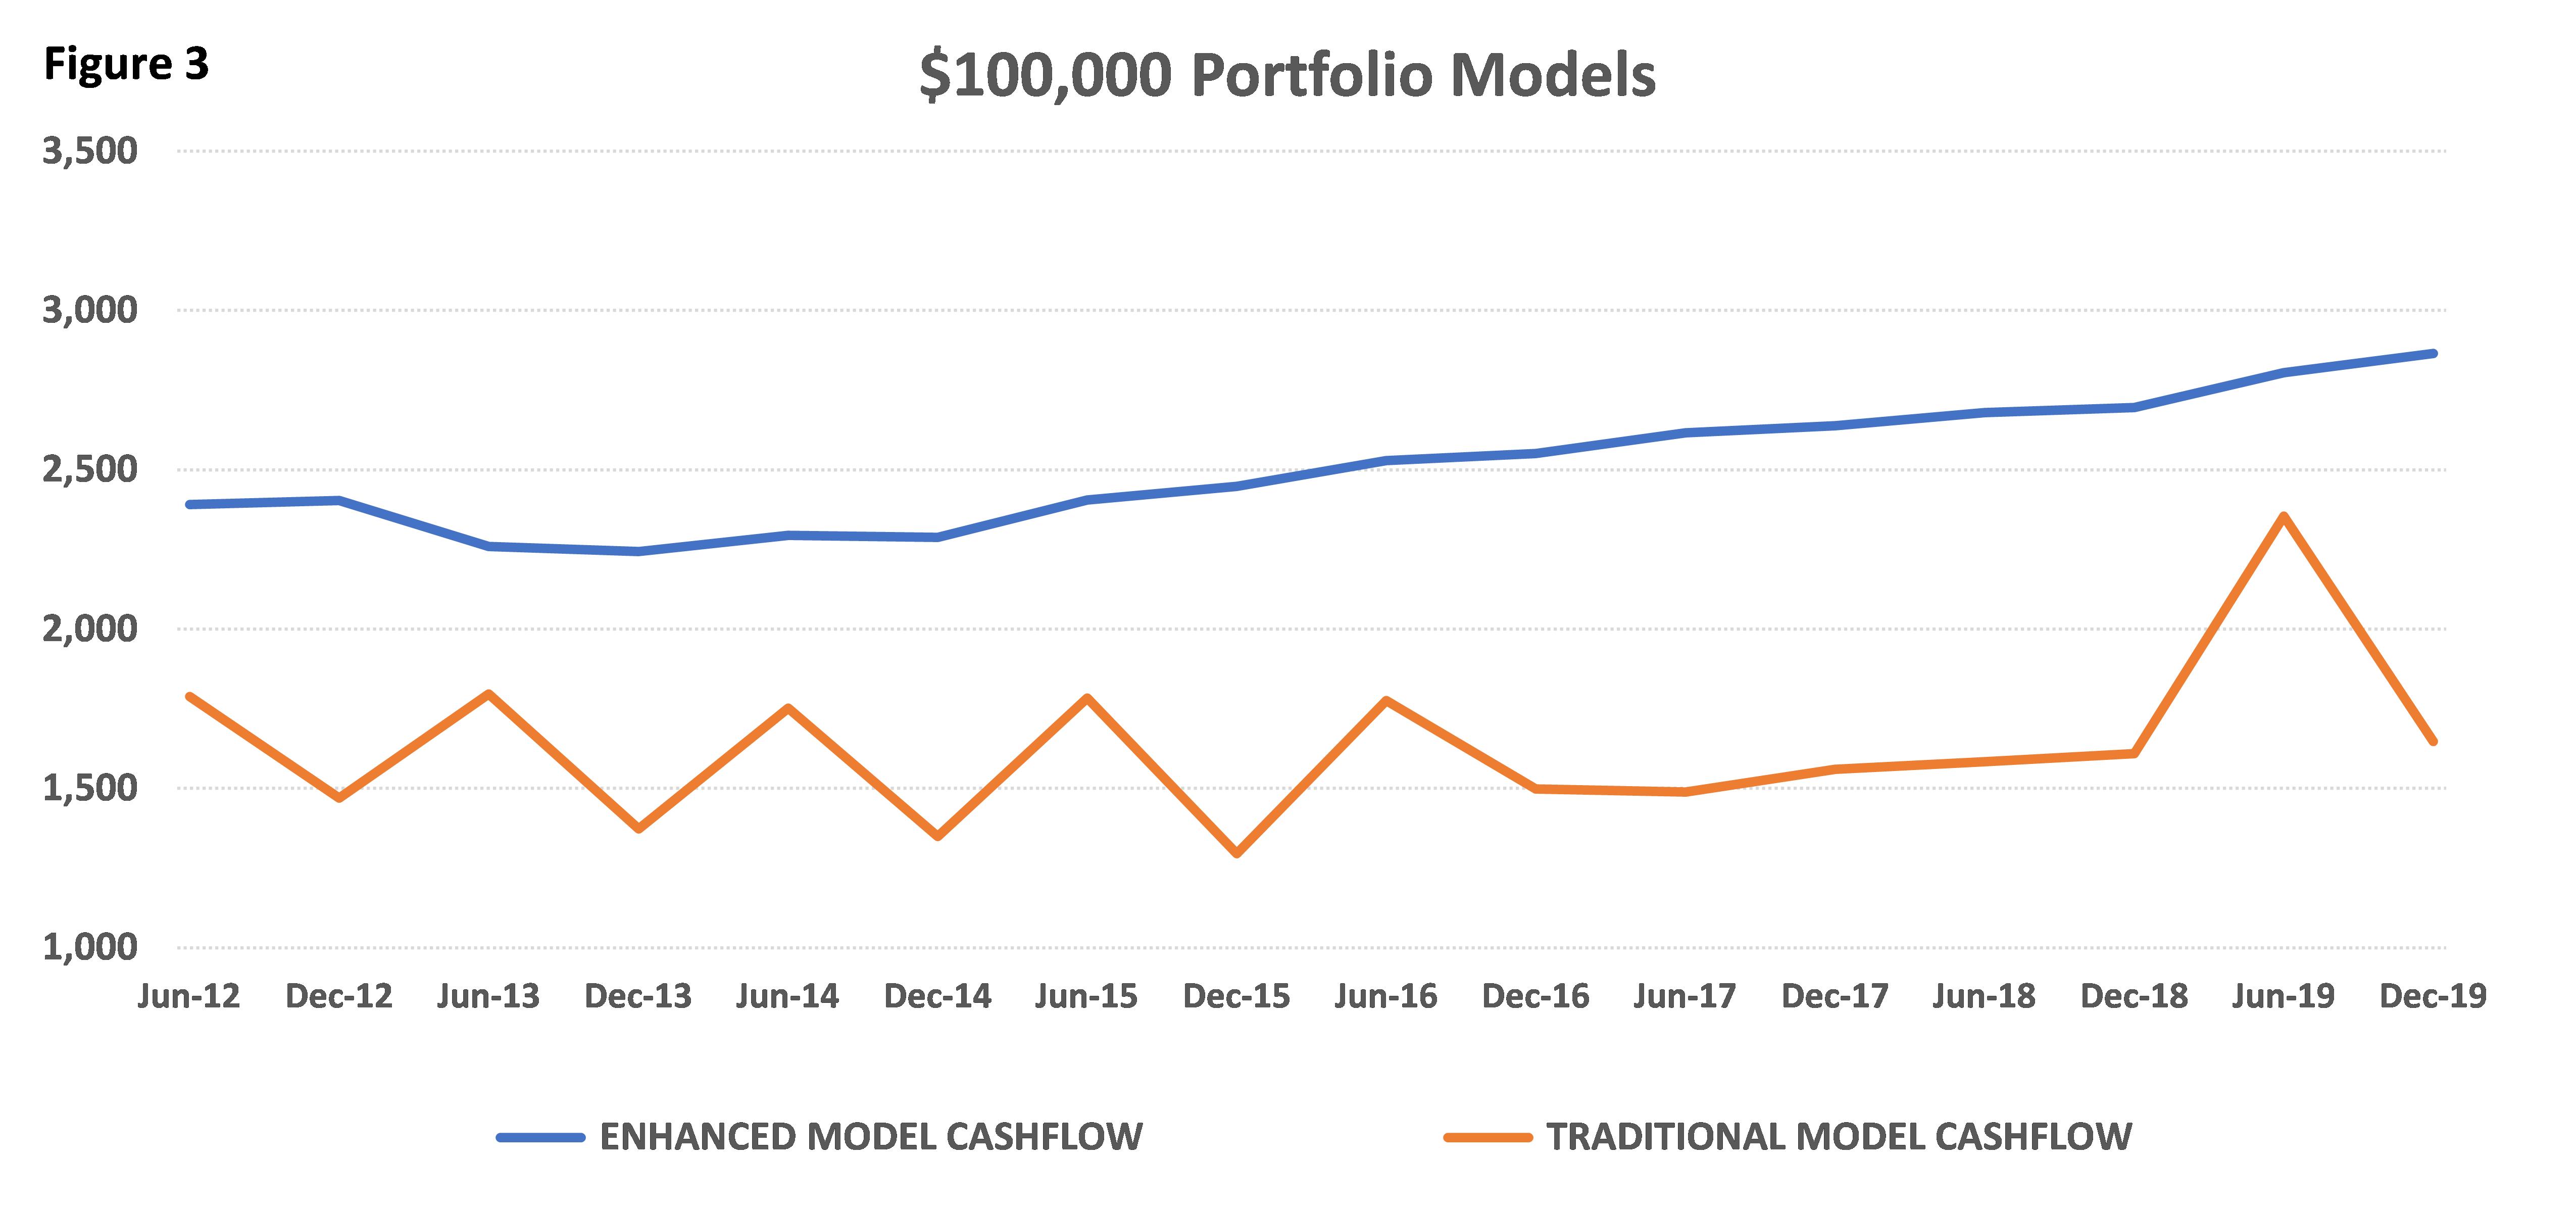 portfolio models chart